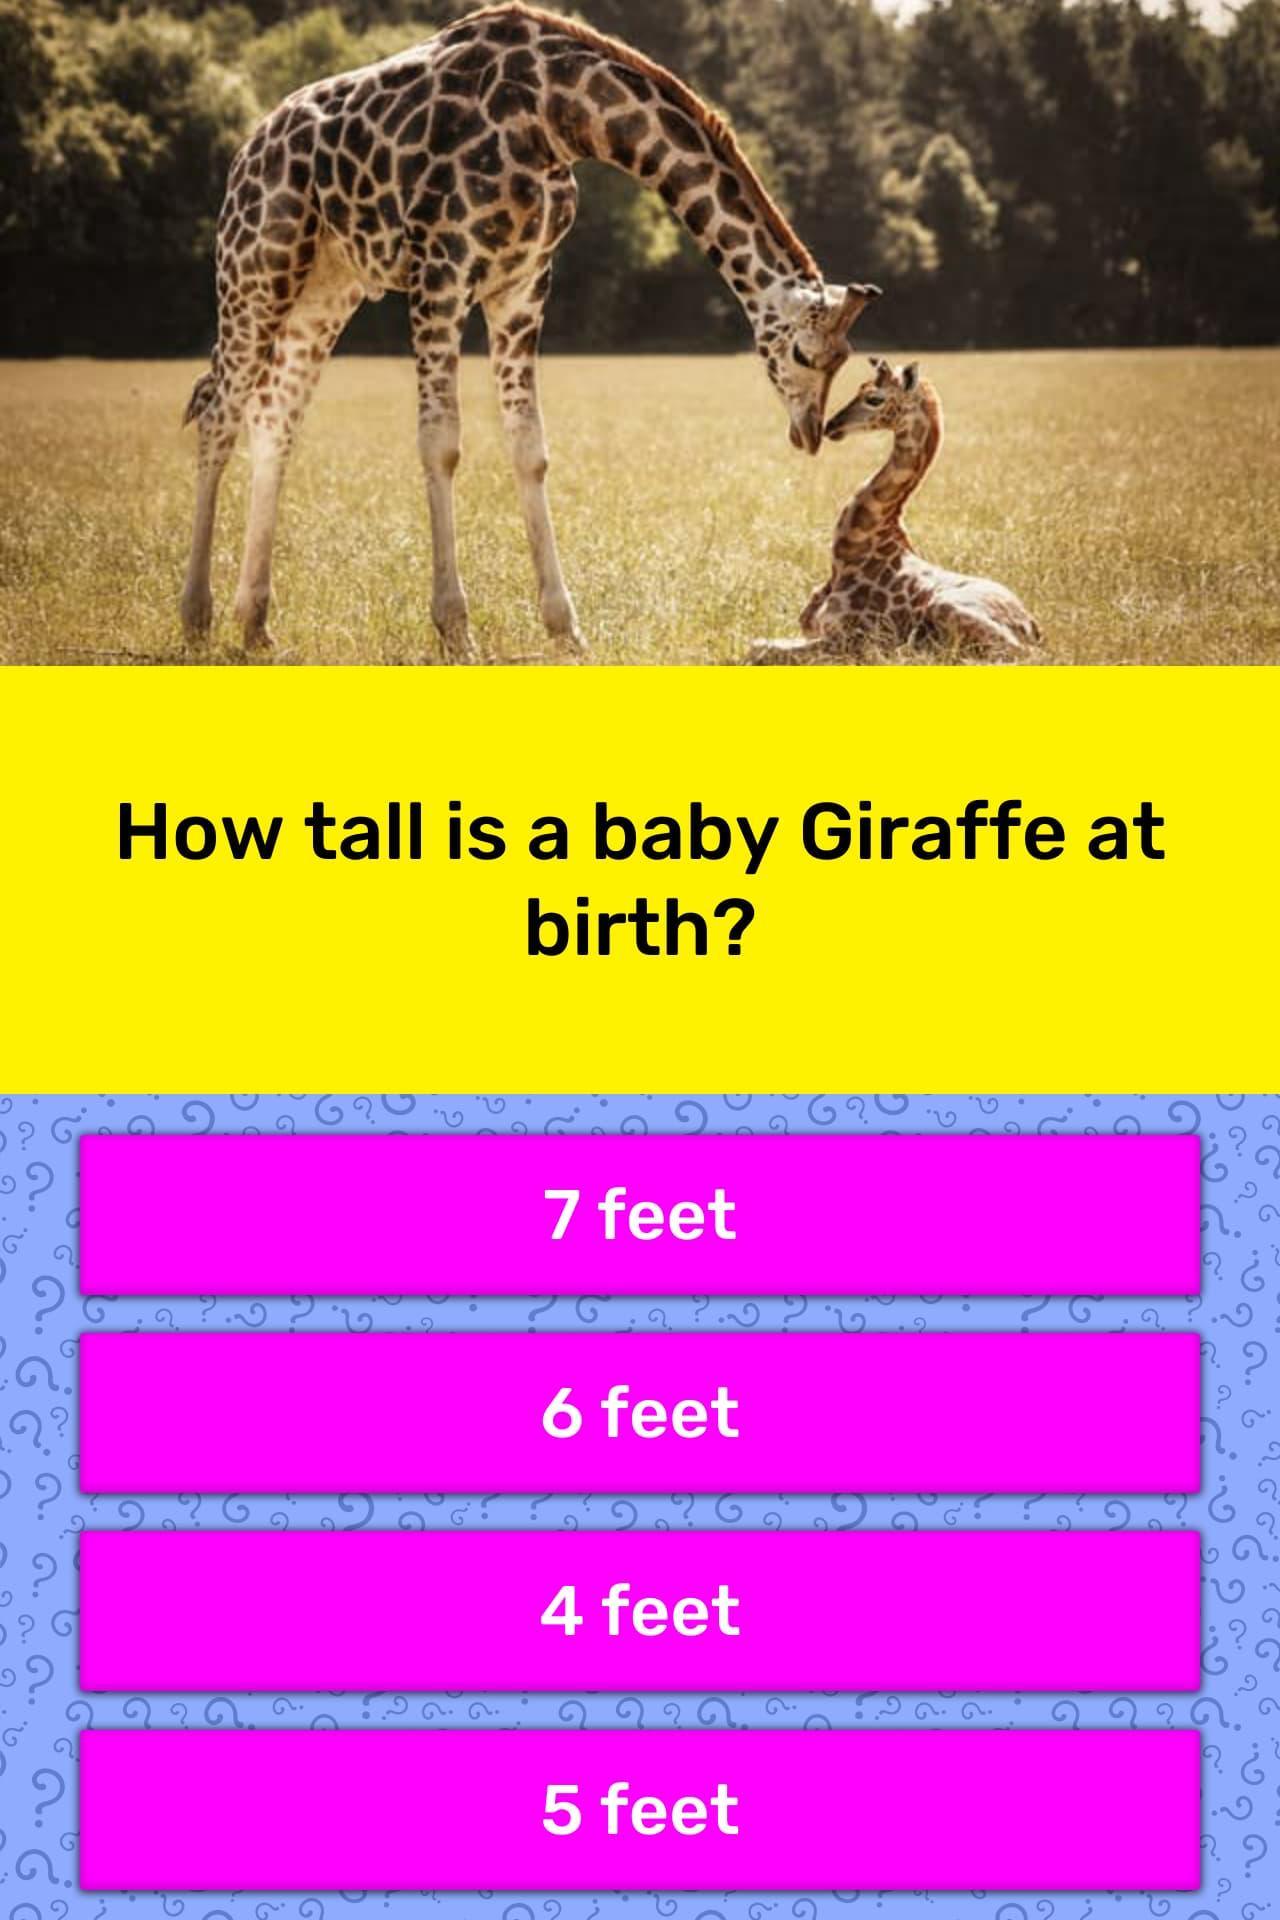 How Tall Is A Newborn Giraffe : newborn, giraffe, Giraffe, Birth?, Trivia, Answers, QuizzClub